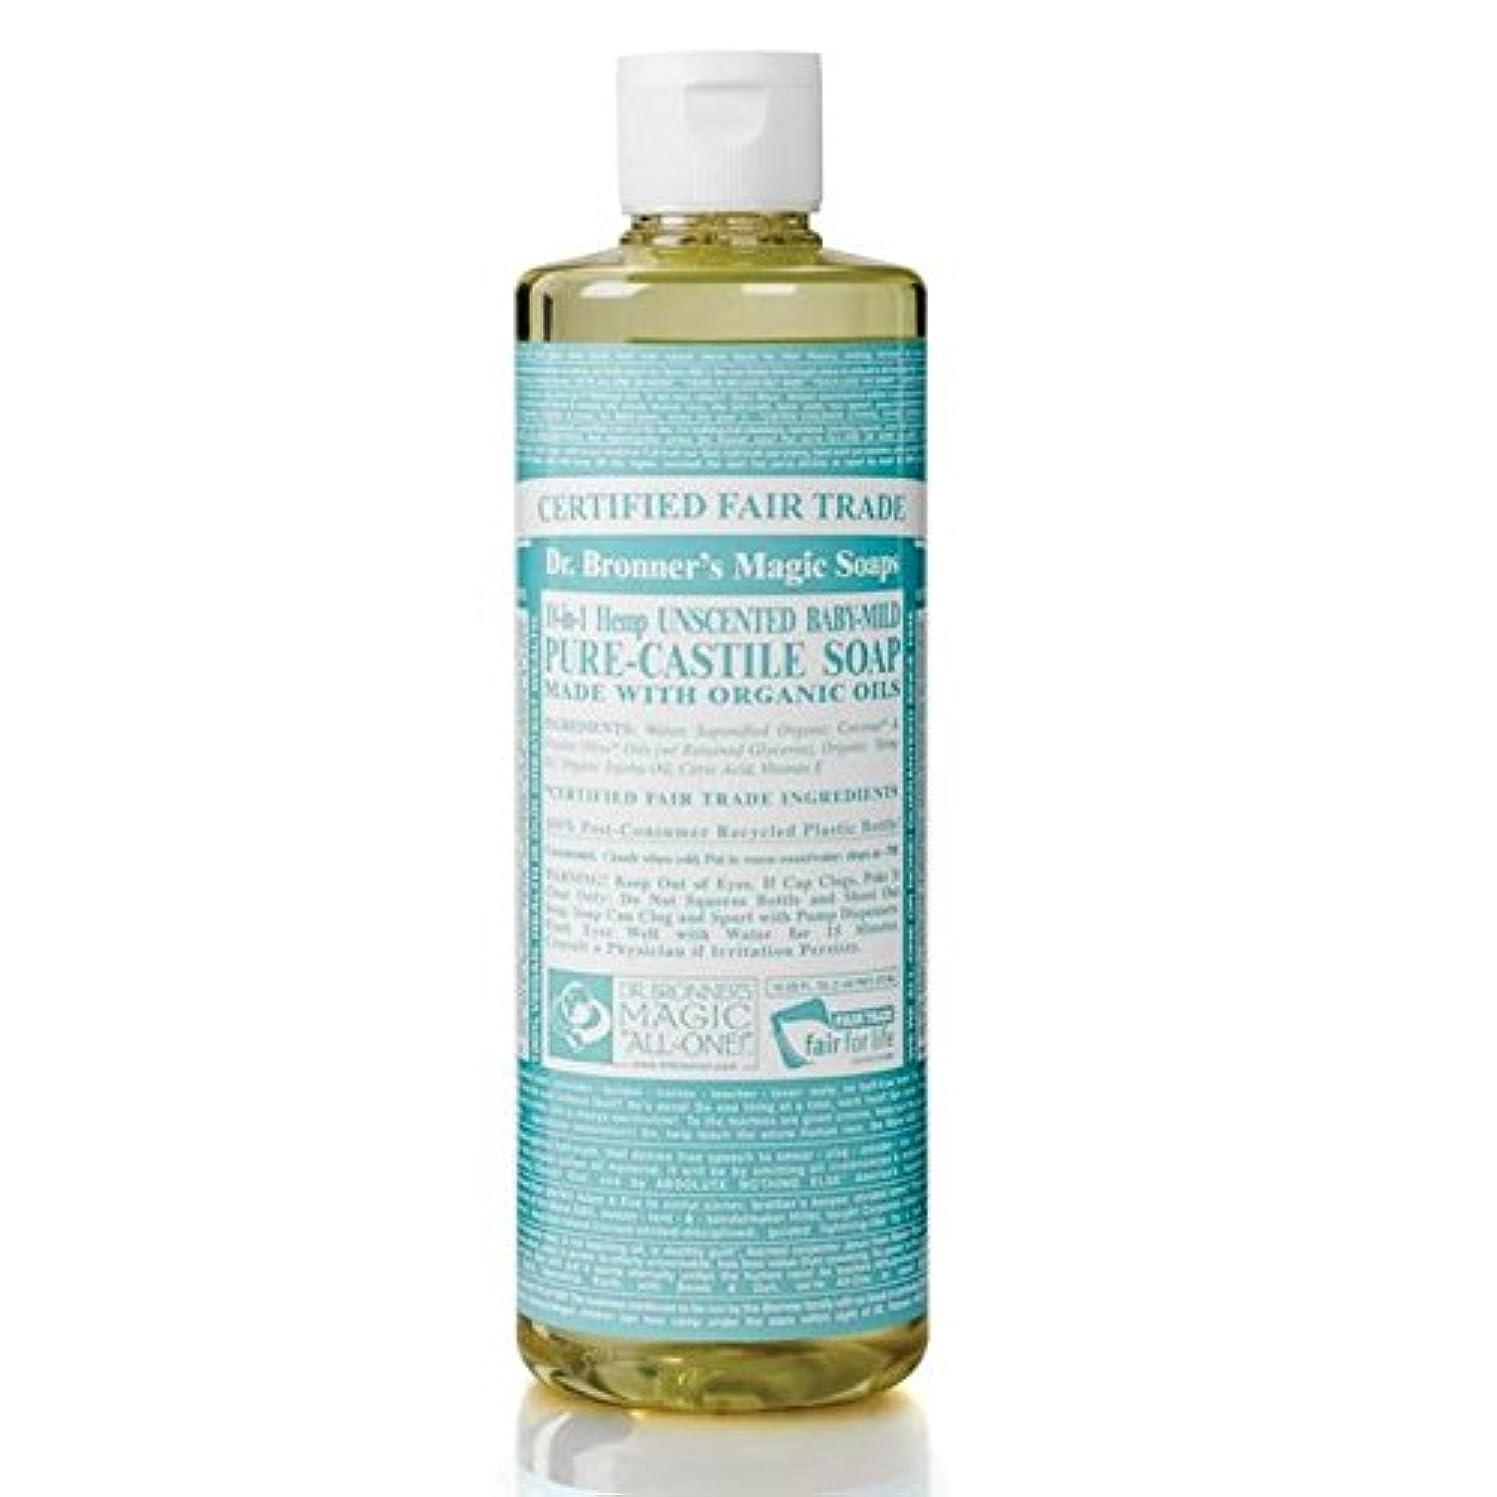 形式必要とするハイキングに行くDr Bronner Organic Baby Mild Castile Liquid Soap 473ml - のブロナーオーガニックベビーマイルドなカスティーリャ液体石鹸473ミリリットル [並行輸入品]